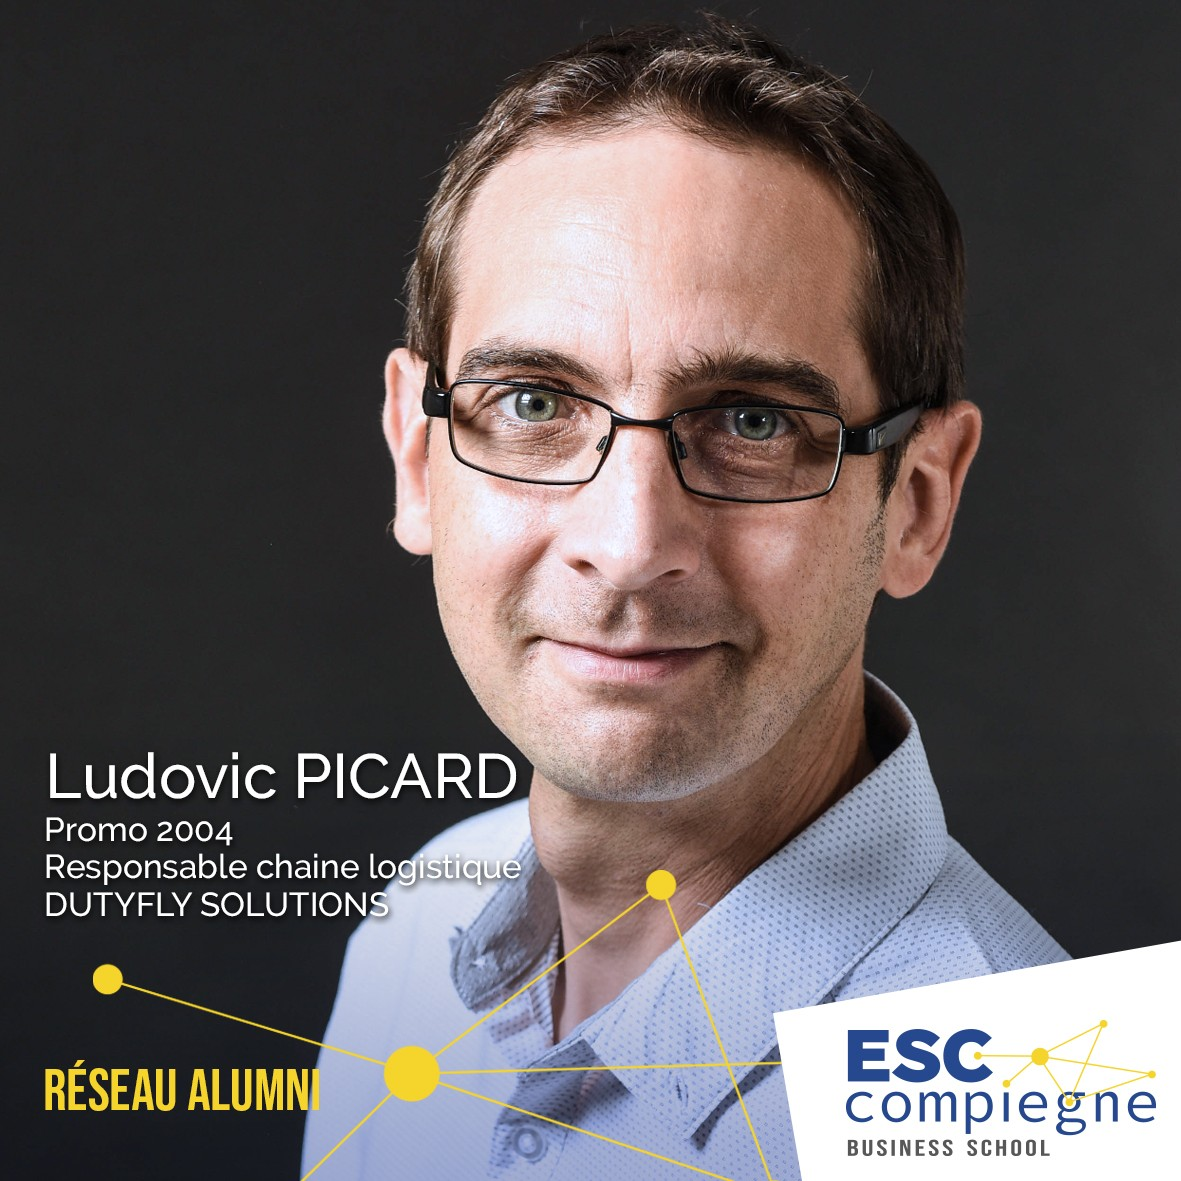 ESCC-Temoignage-Ludovic-Picard